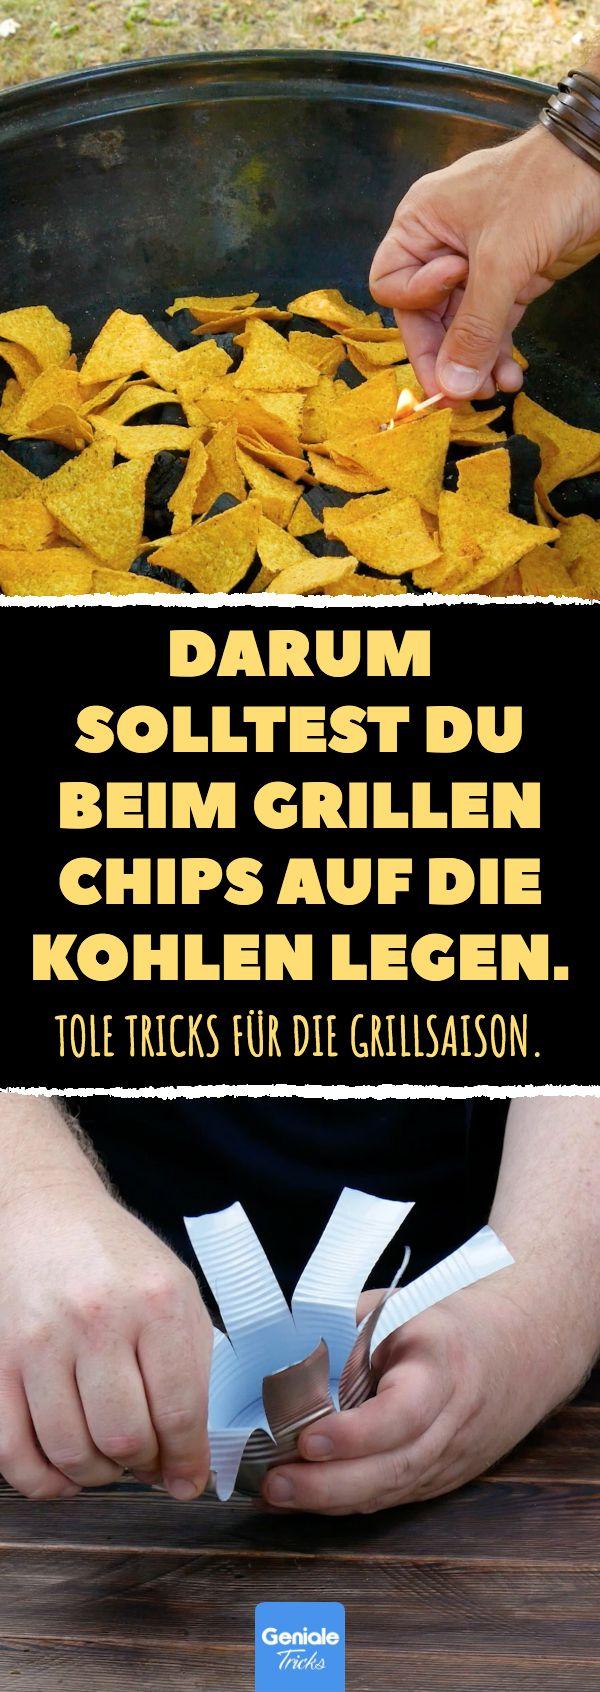 Aus diesem Grund sollten Sie beim Grillen Chips auf die Kohlen geben. Unsere besten Tipps für …